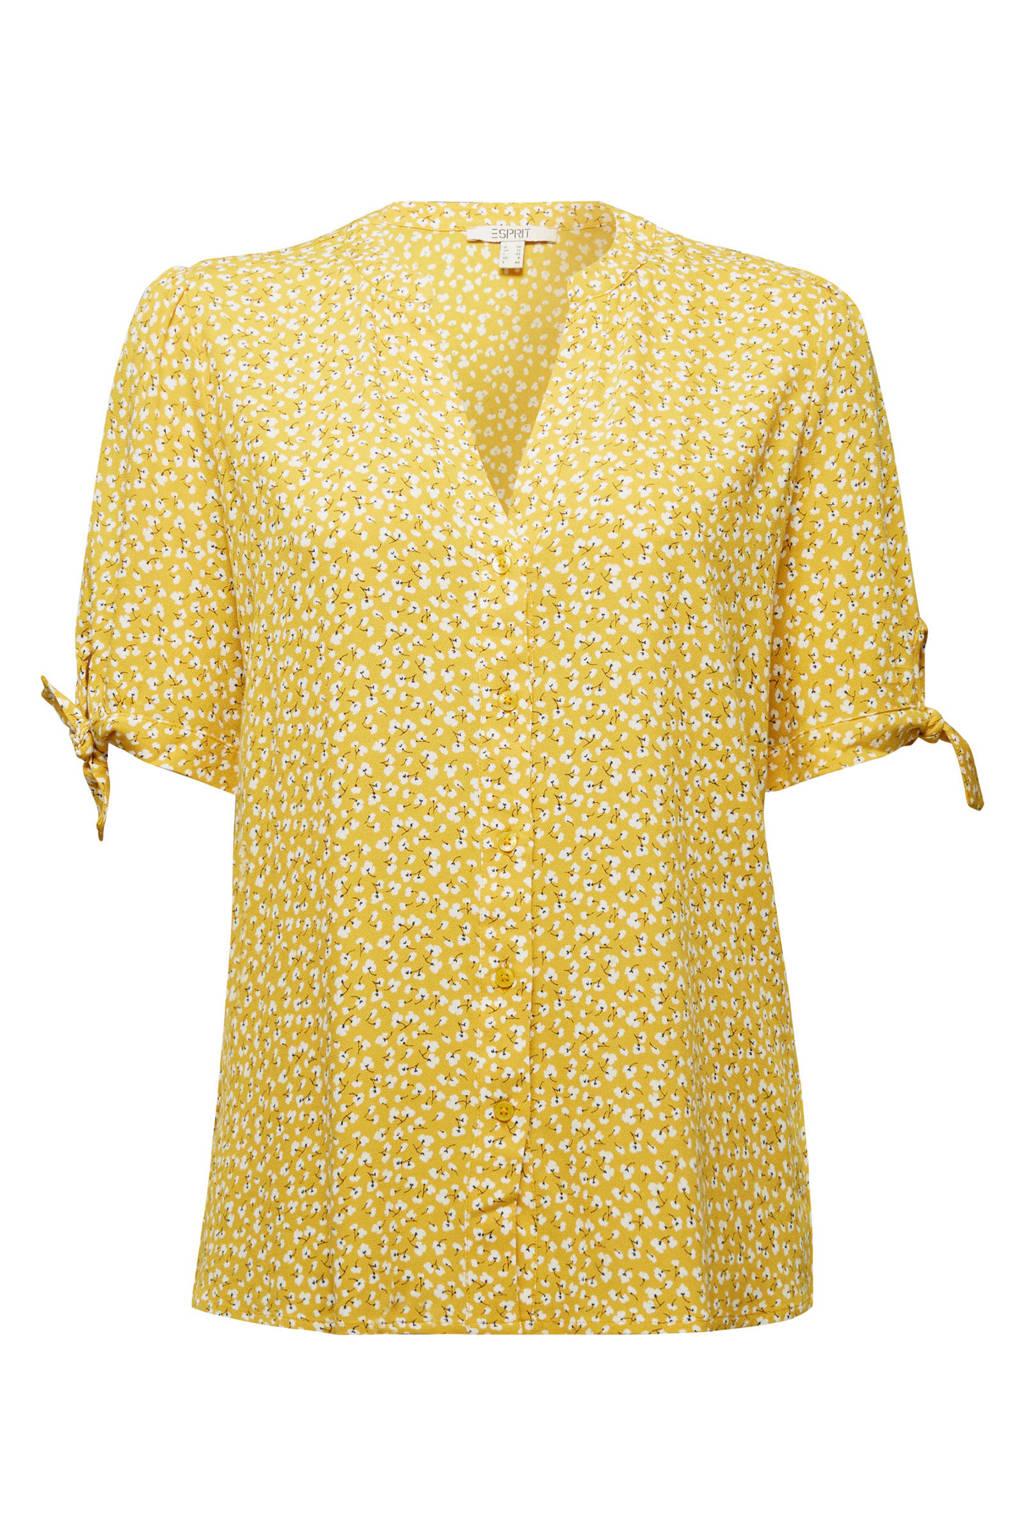 ESPRIT Women Casual blouse met all over print geel/wit/zwart, Geel/wit/zwart